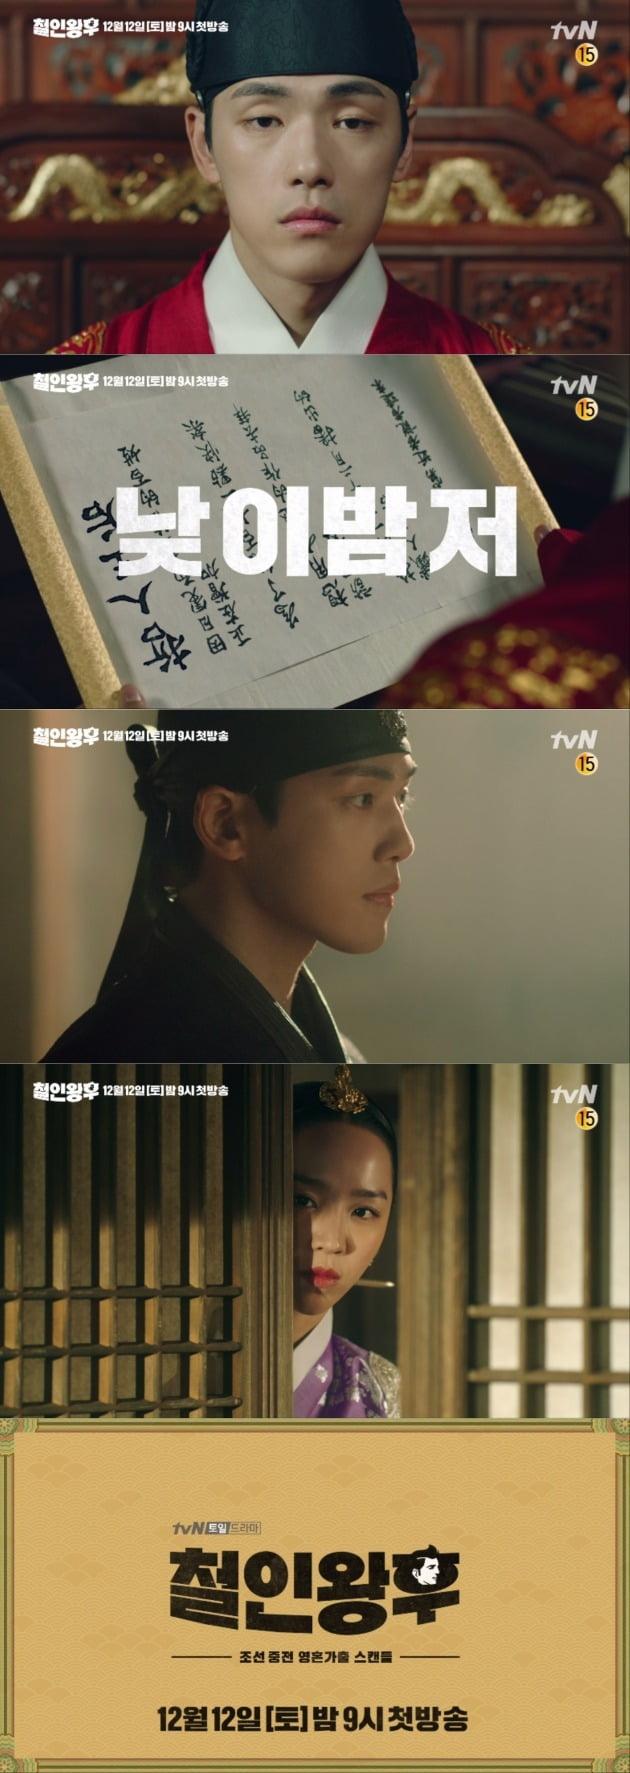 '철인왕후' 티저 영상./사진제공=tvN